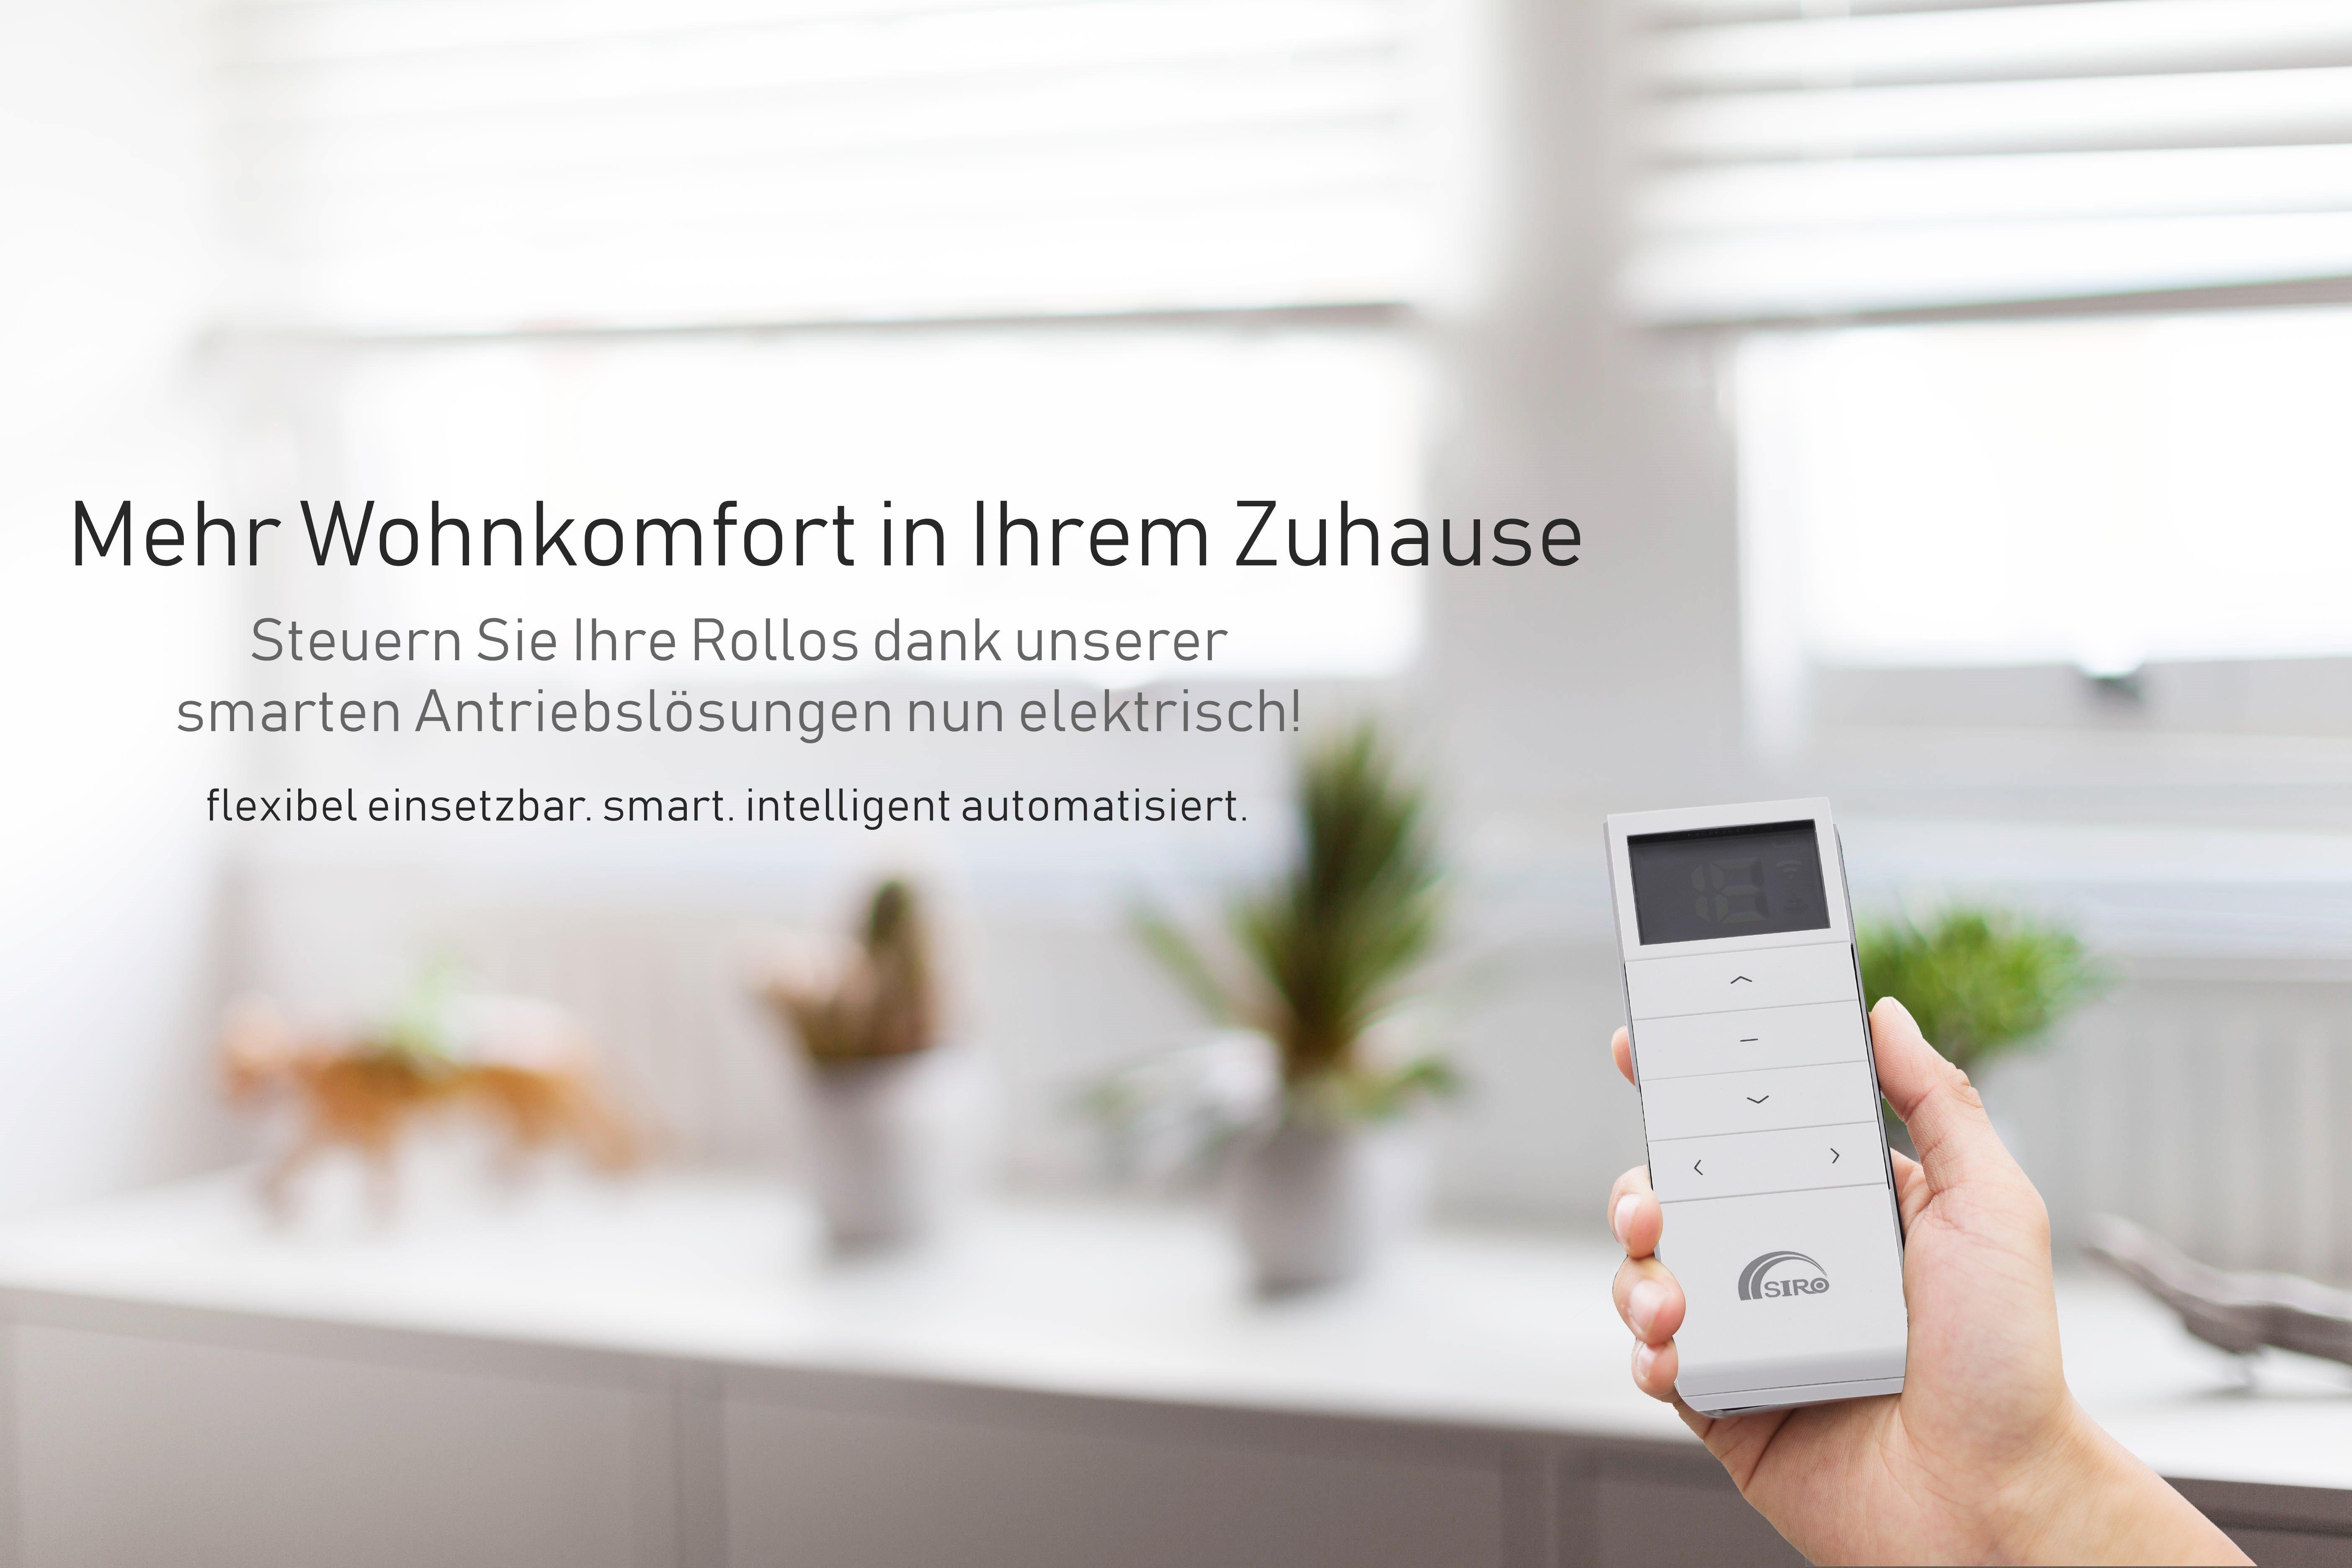 Fantastisch 76 Fabelhafte Elektrische Bild Ideen Für Zuhause Galerie ...